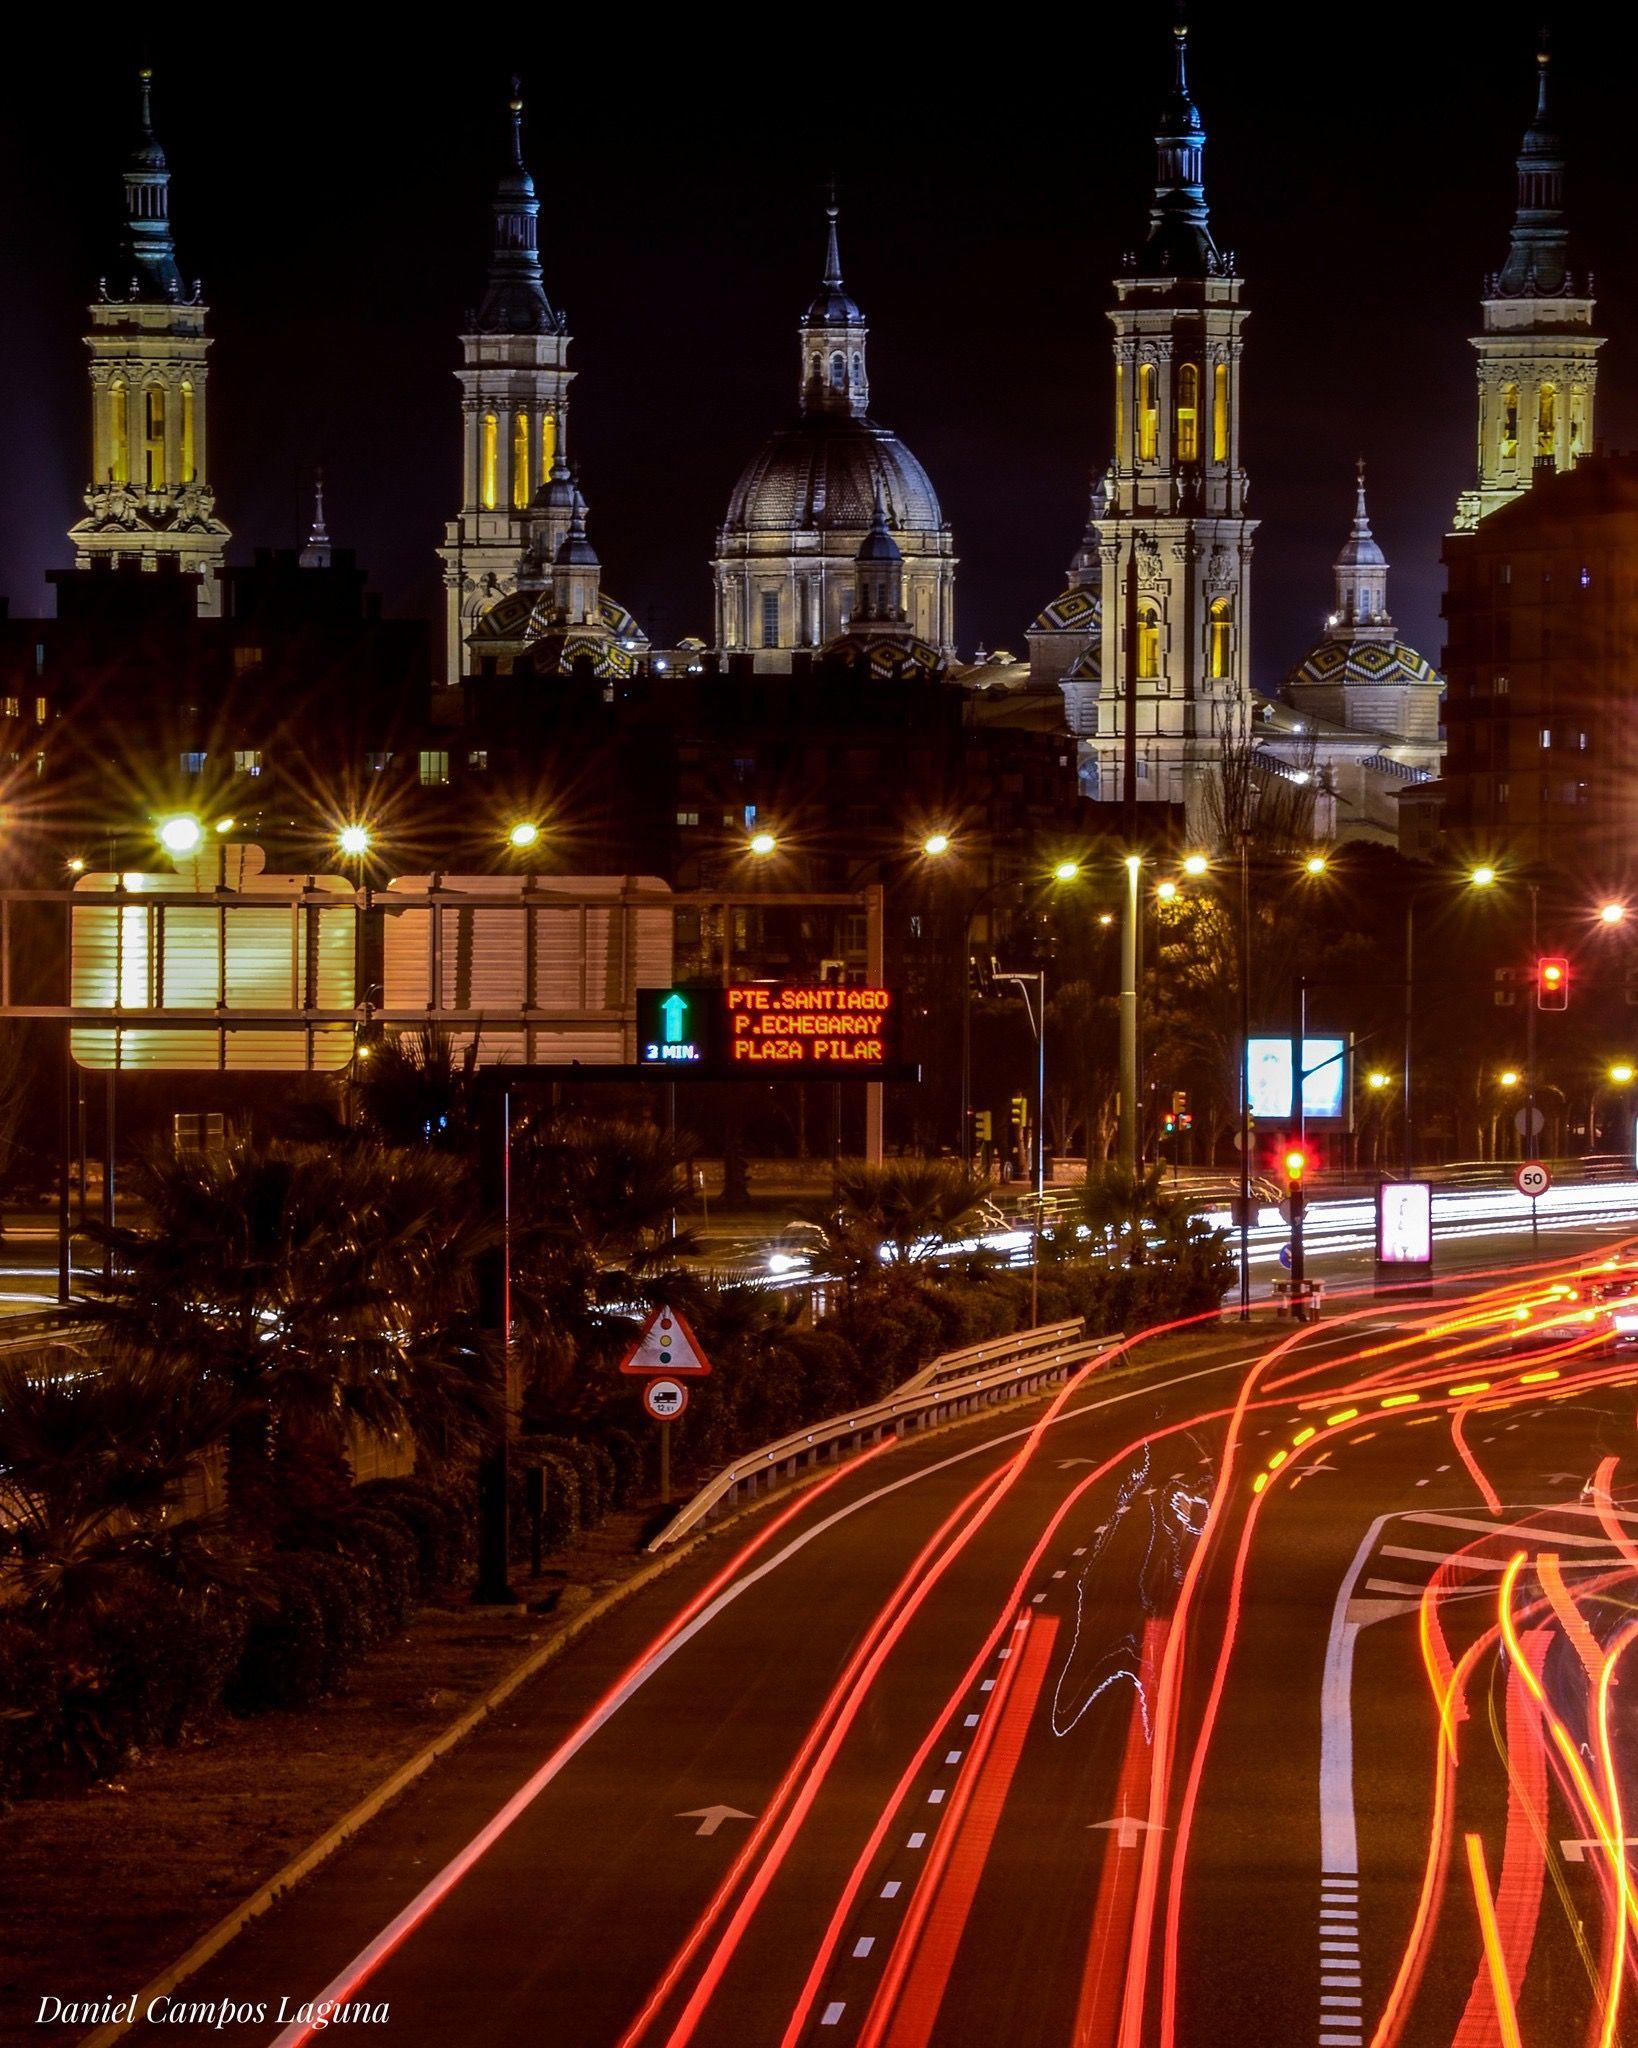 Entrada A Zaragoza Por La Avenida De Los Pirineos I Zaragoza Foto De Daniel Campos Laguna Zaragoza Viajar Por El Mundo Ciudades